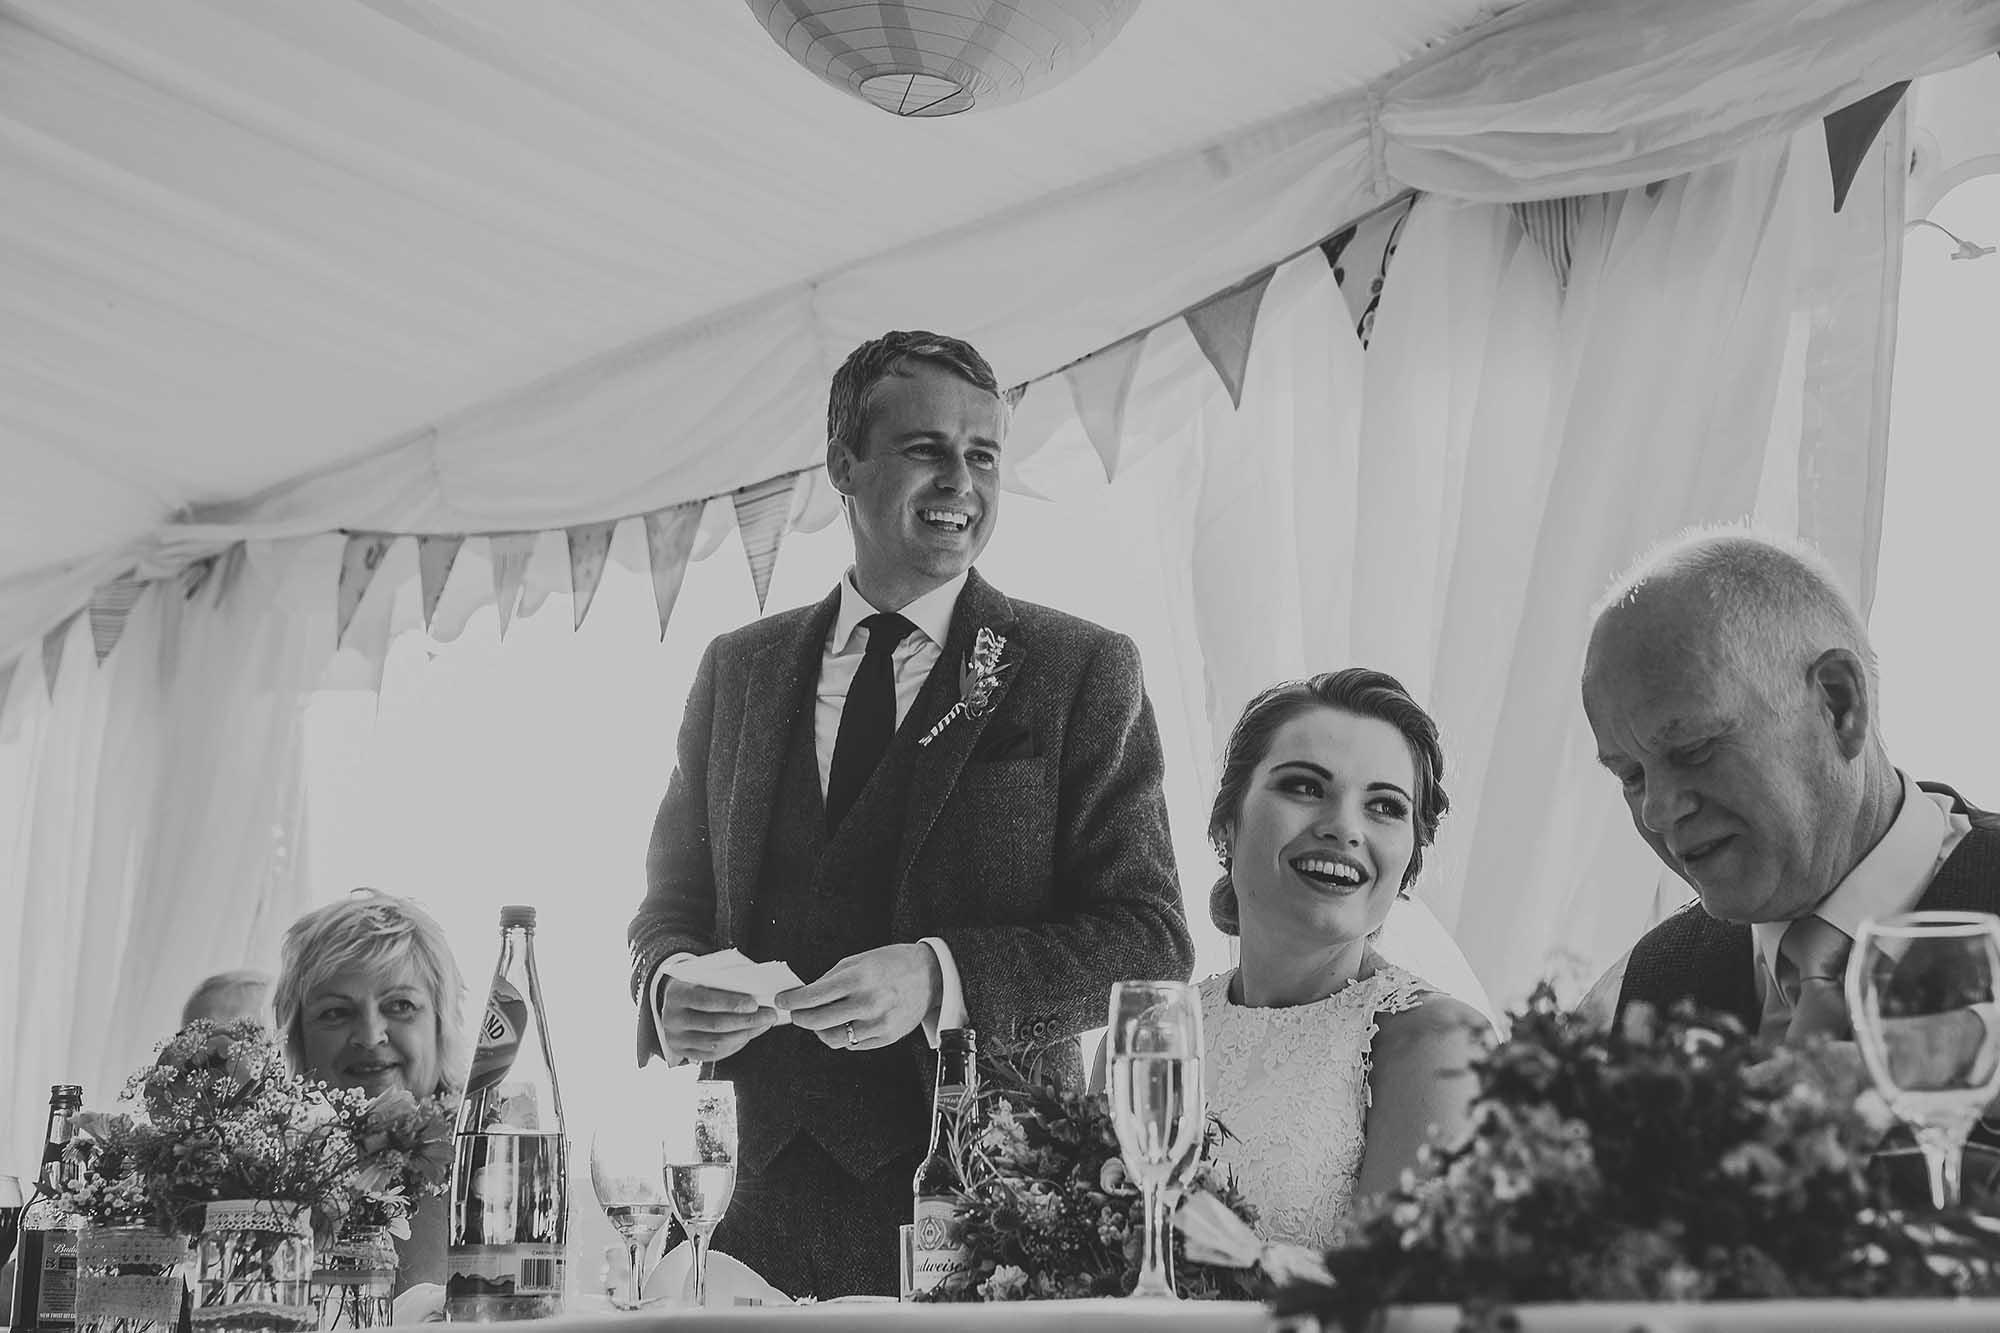 Ripponden speeches at wedding